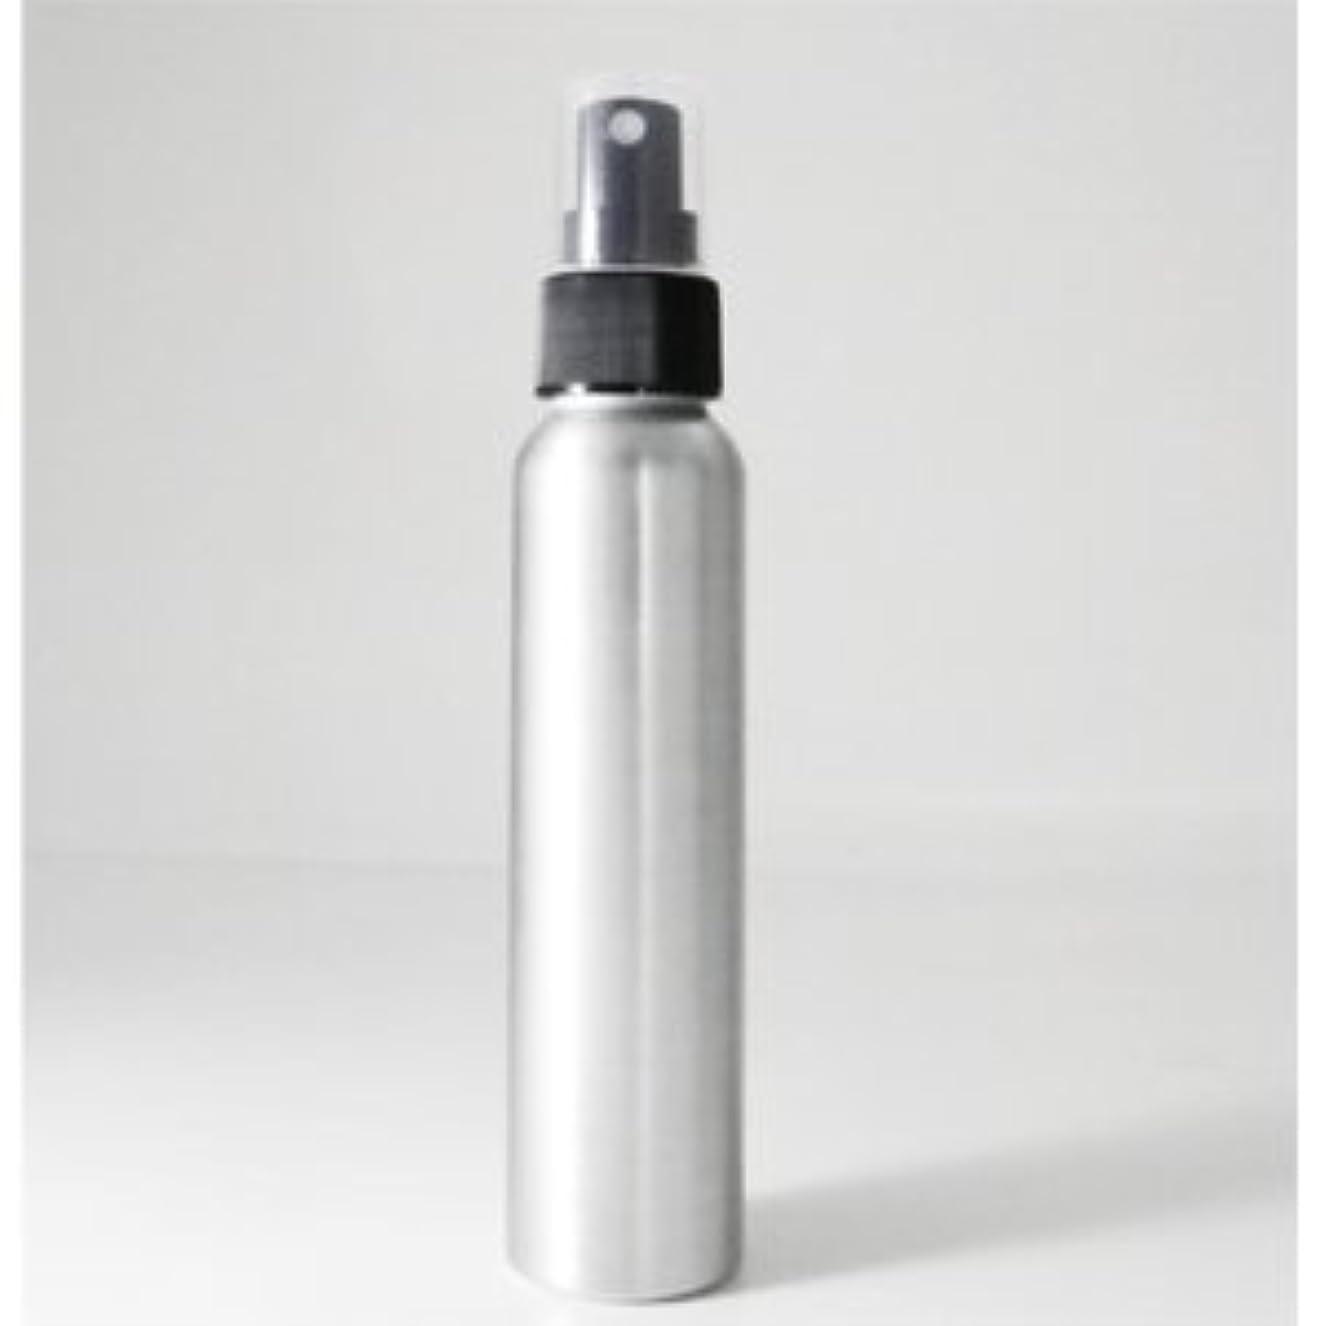 お酢立場中断アルミボトル スプレー容器 100ml 【手作り化粧品容器】